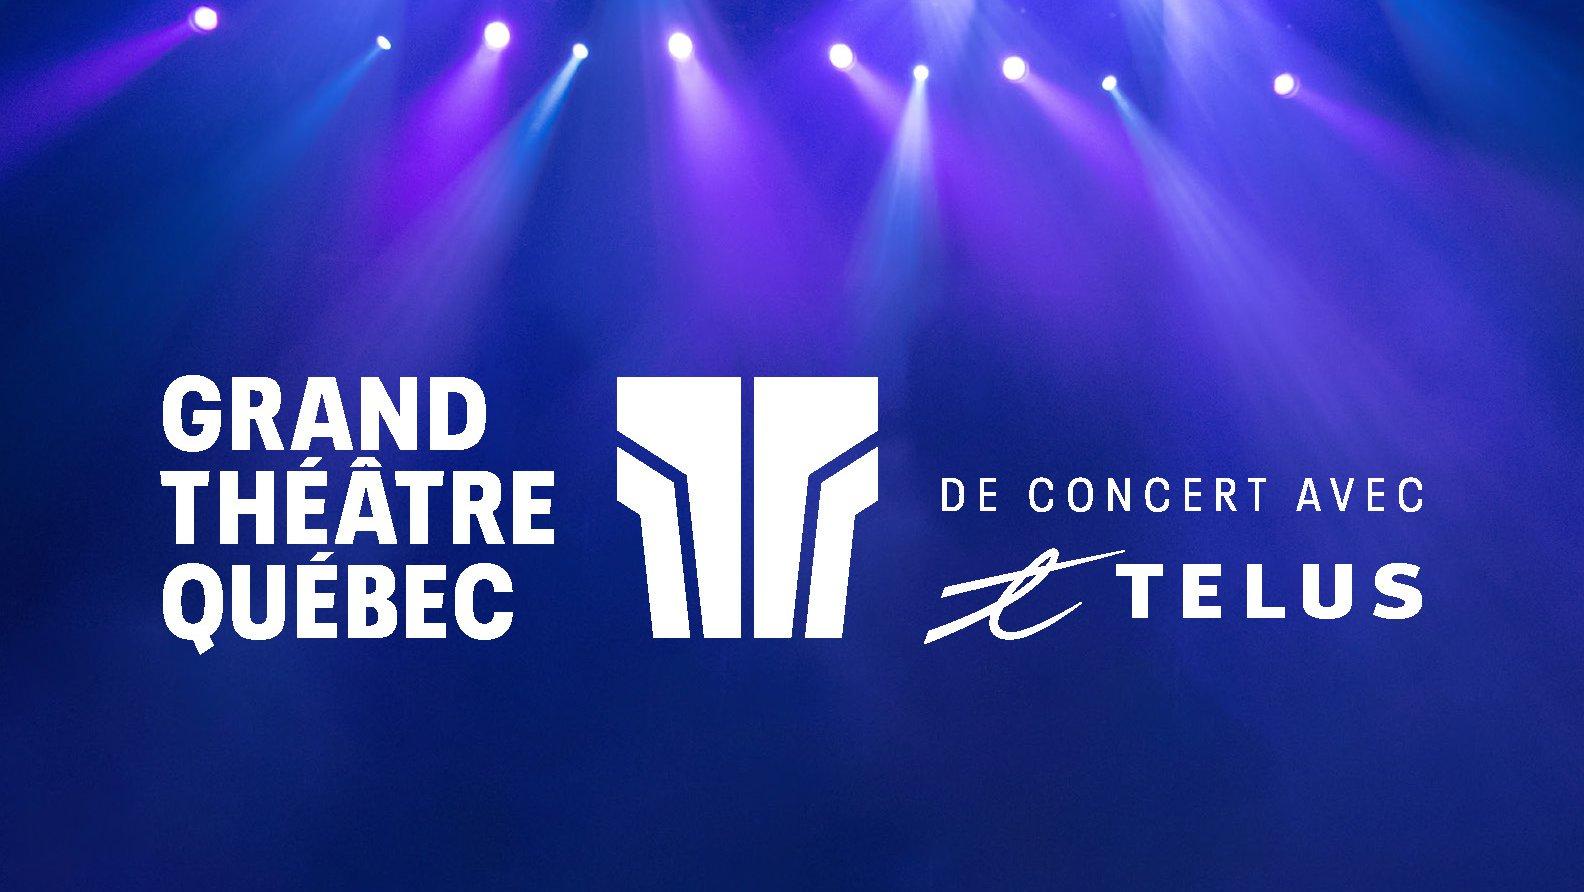 Le Grand Théâtre de concert avec TELUS - Grand Théâtre de Québec